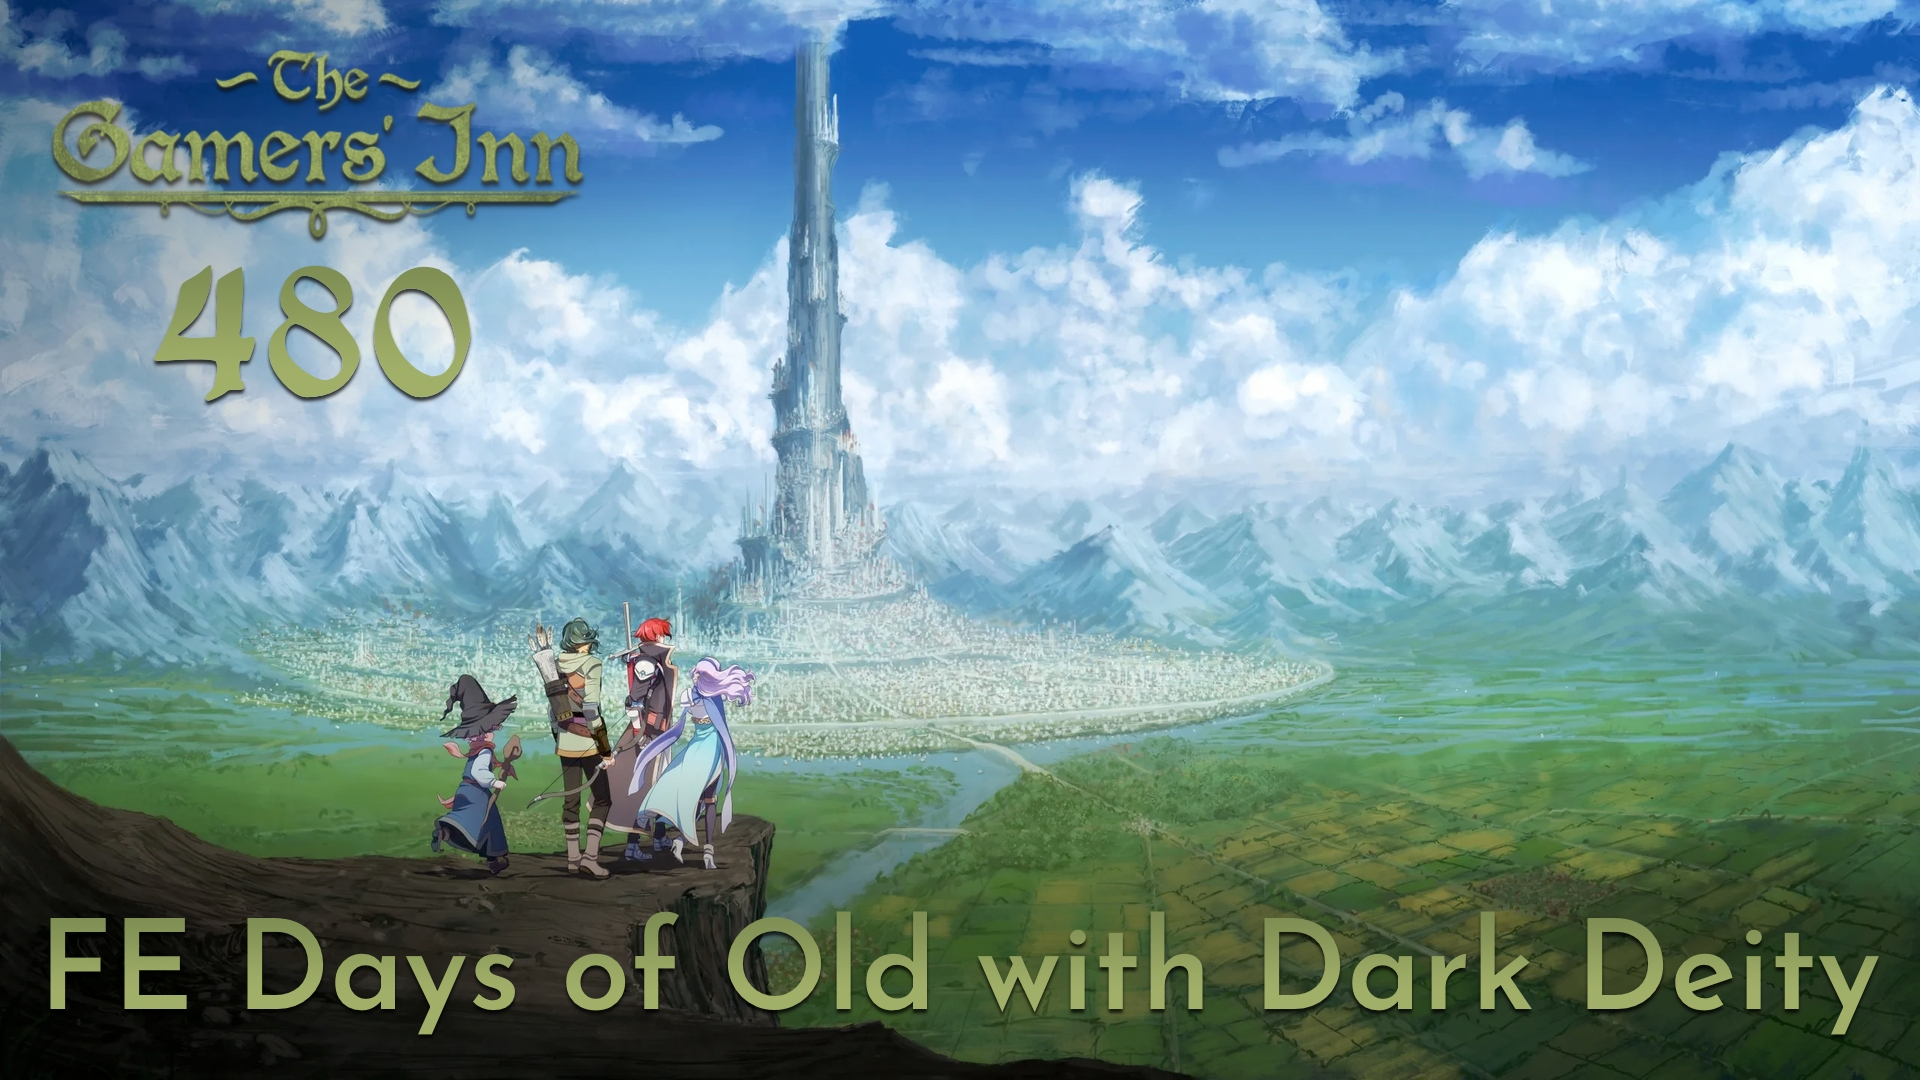 TGI 480 - FE Days of Old with Dark Deity